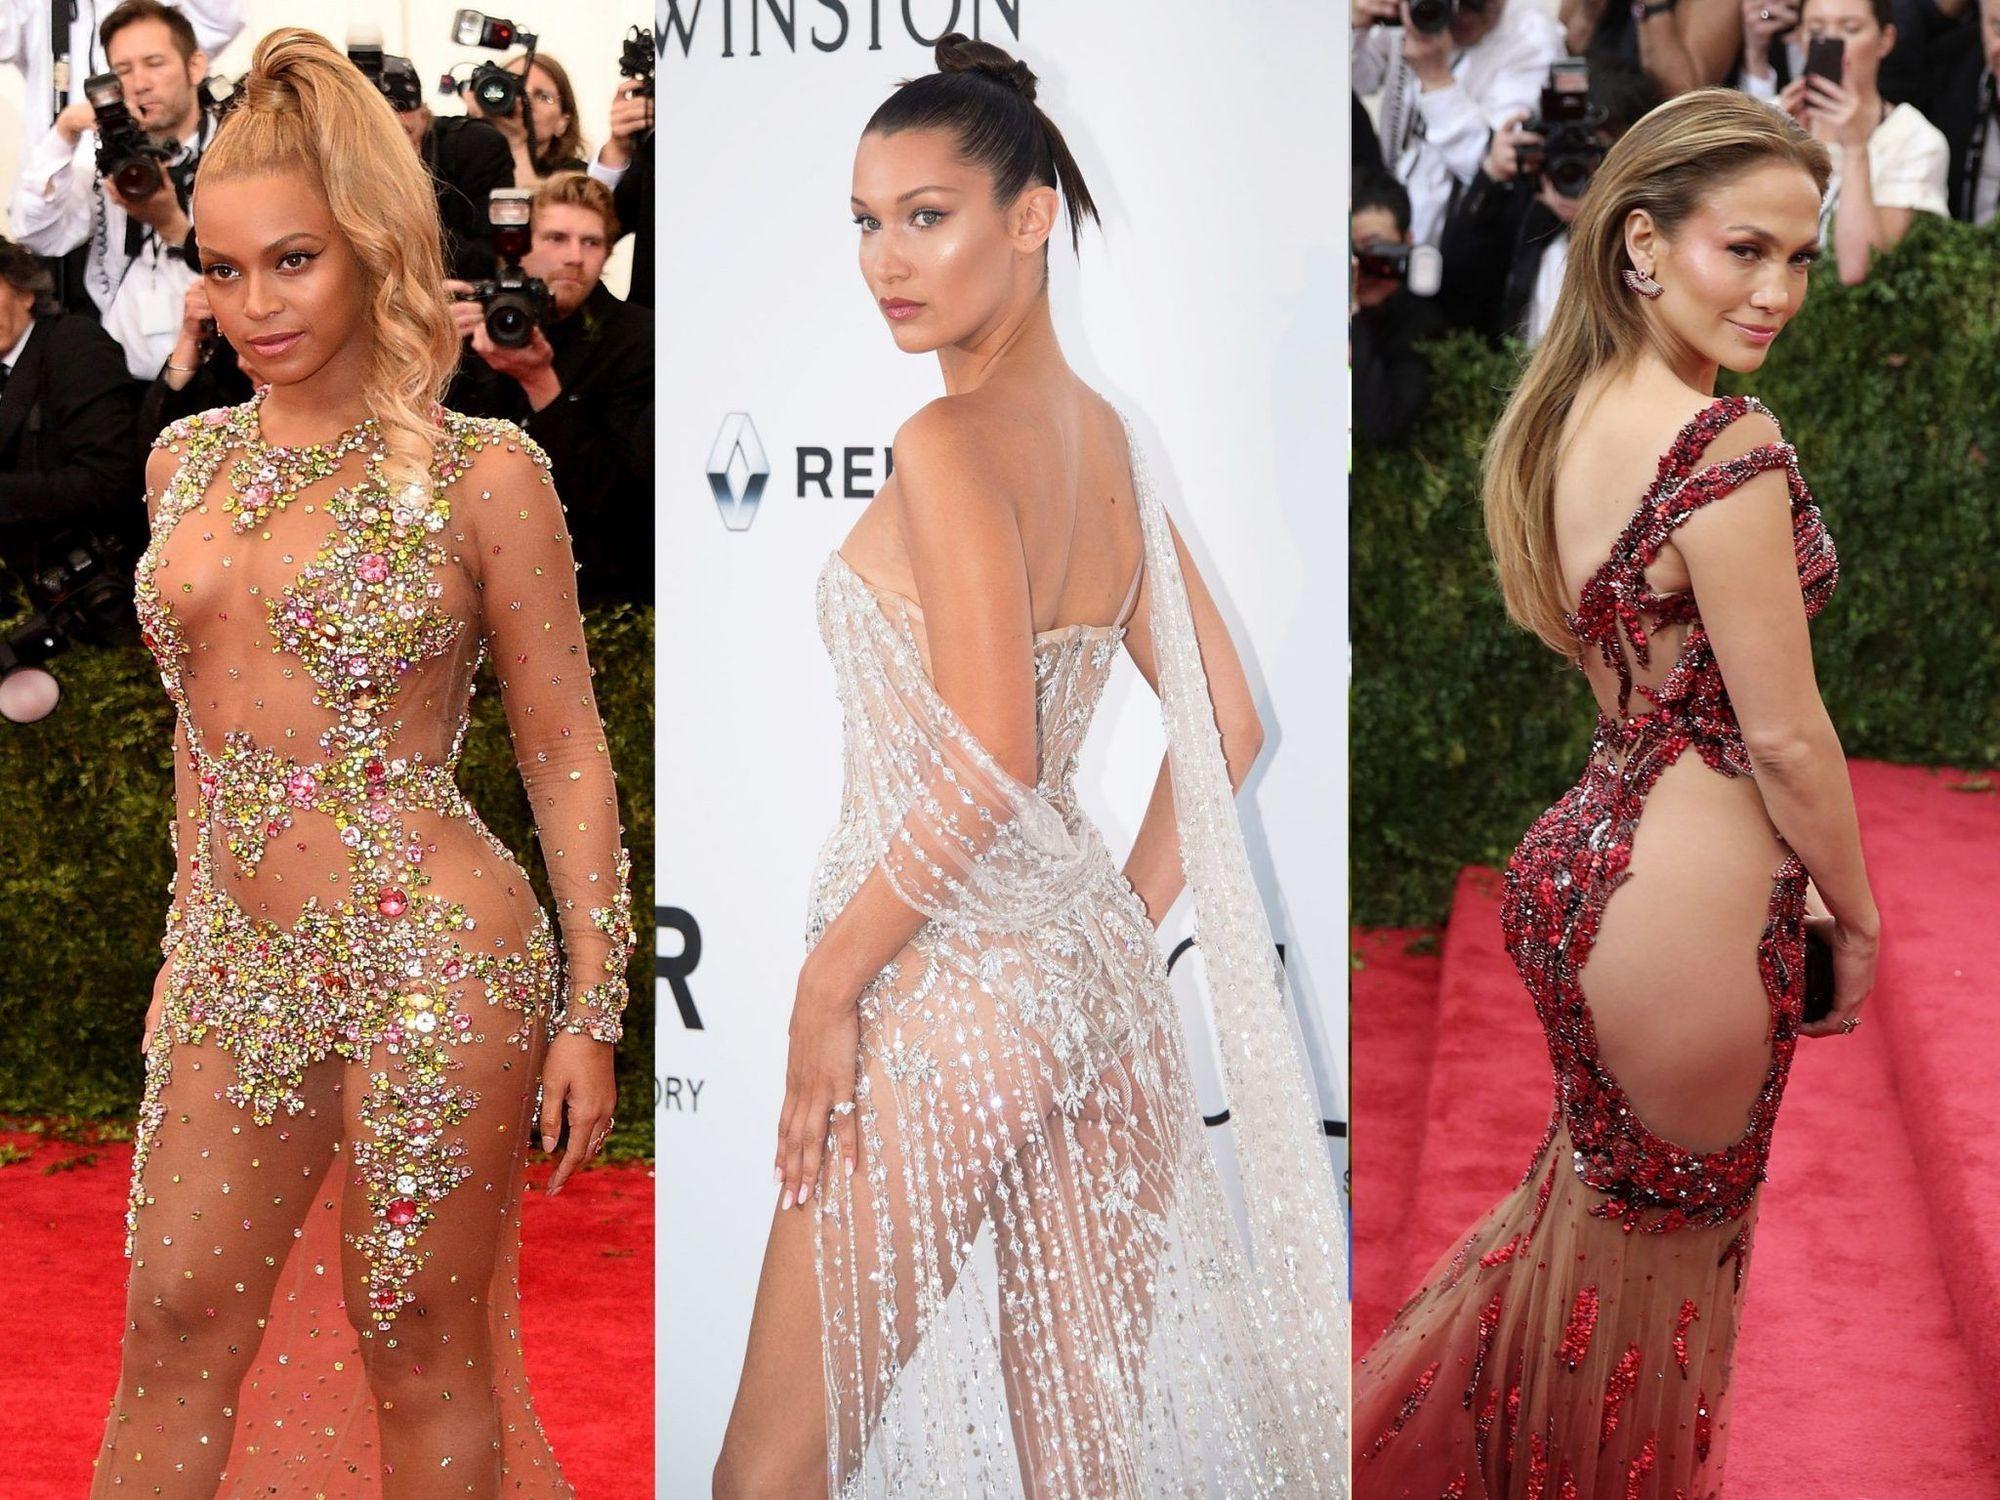 Αυτά είναι τα 15 πιο «γυμνά» φορέματα που έχουν φορεθεί από τις celebrities !!! (ΦΩΤΟ)